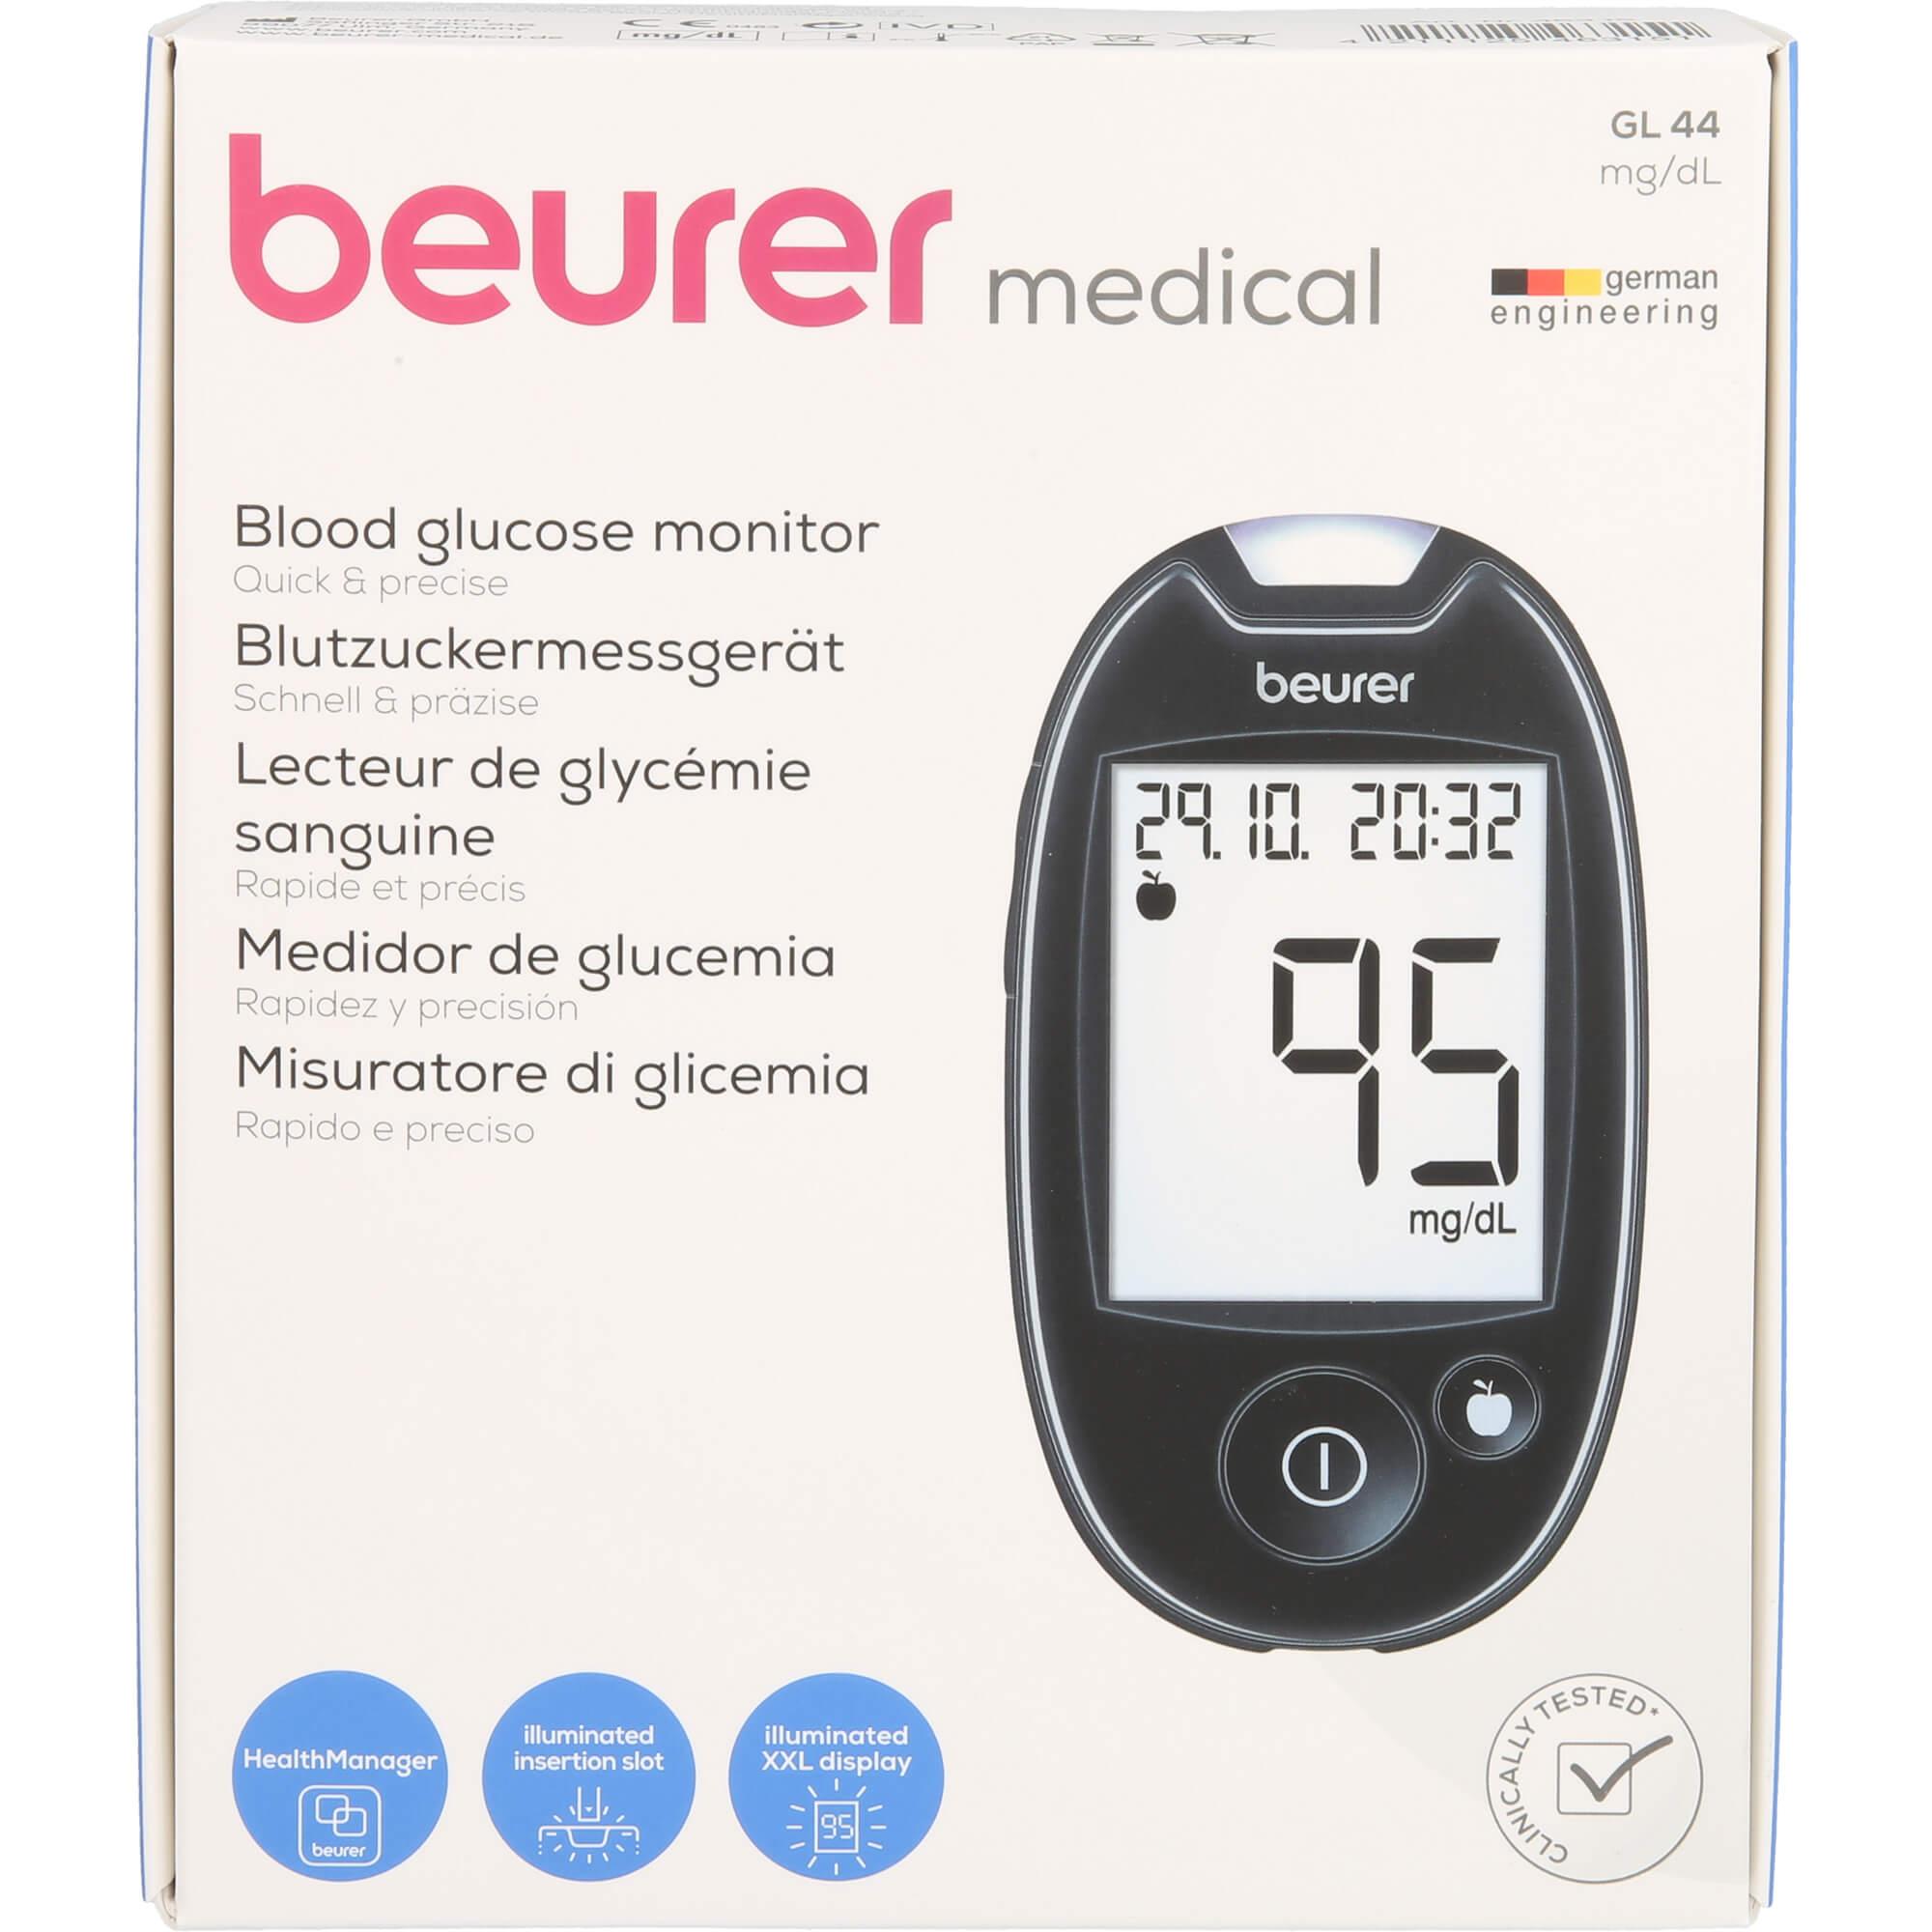 BEURER GL44 Blutzuckermessgerät mg/dl